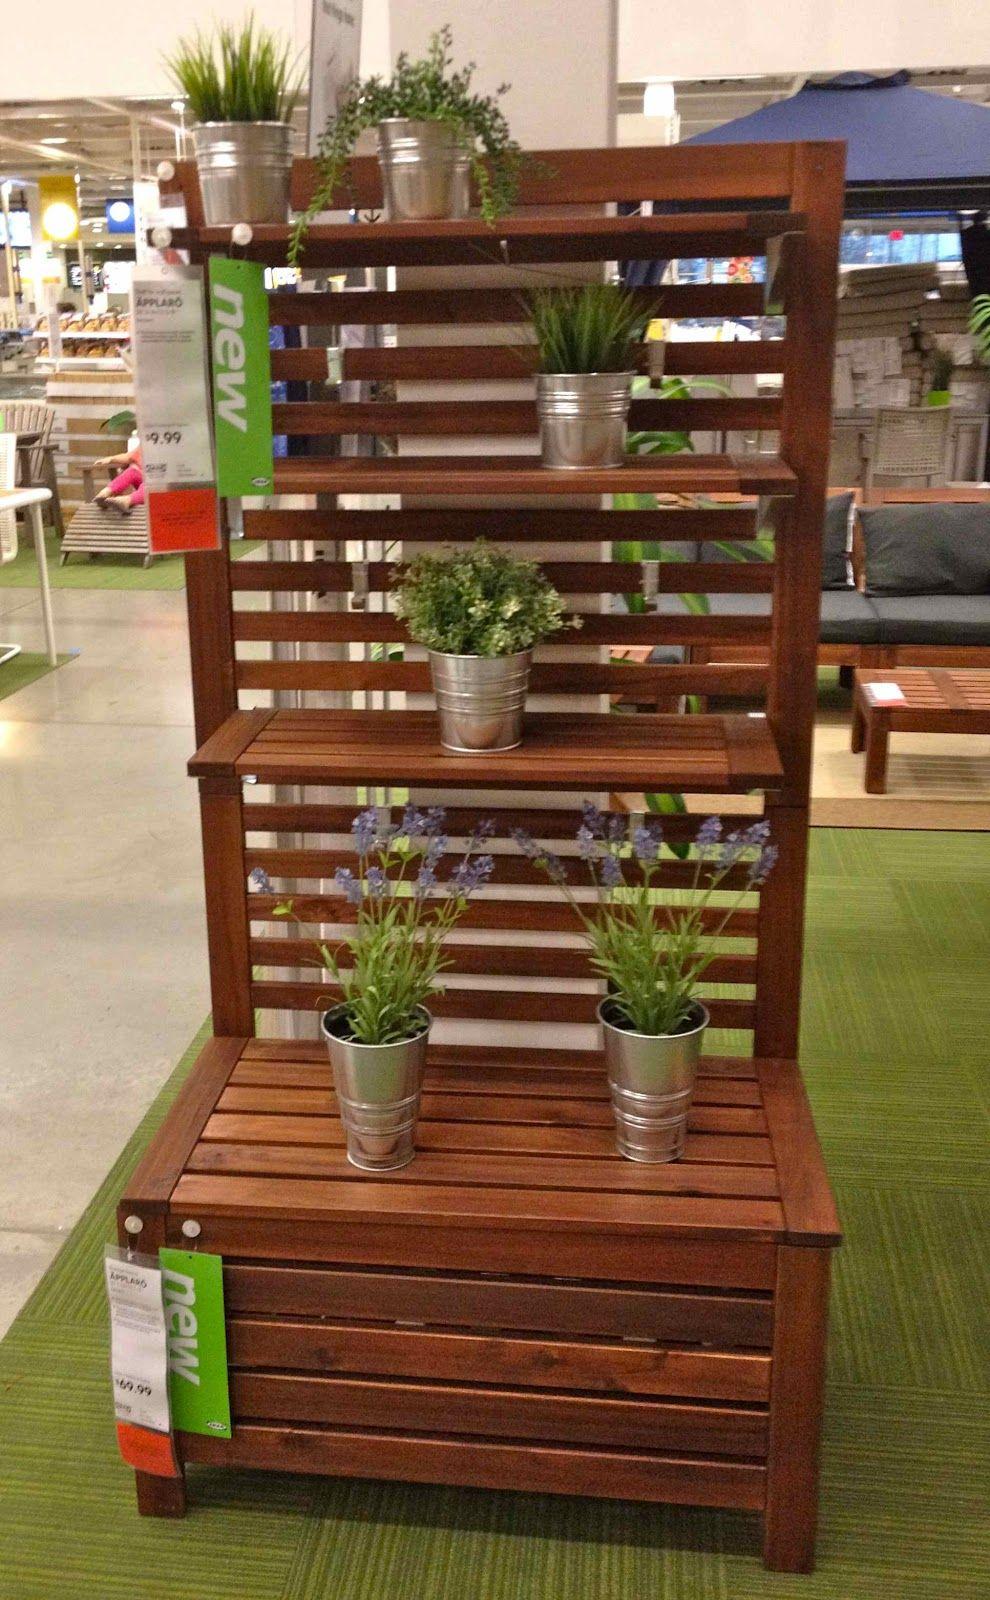 Ikea Outdoor Shelf Ikea Outdoor Ikea Garden Furniture Diy Garden Decor